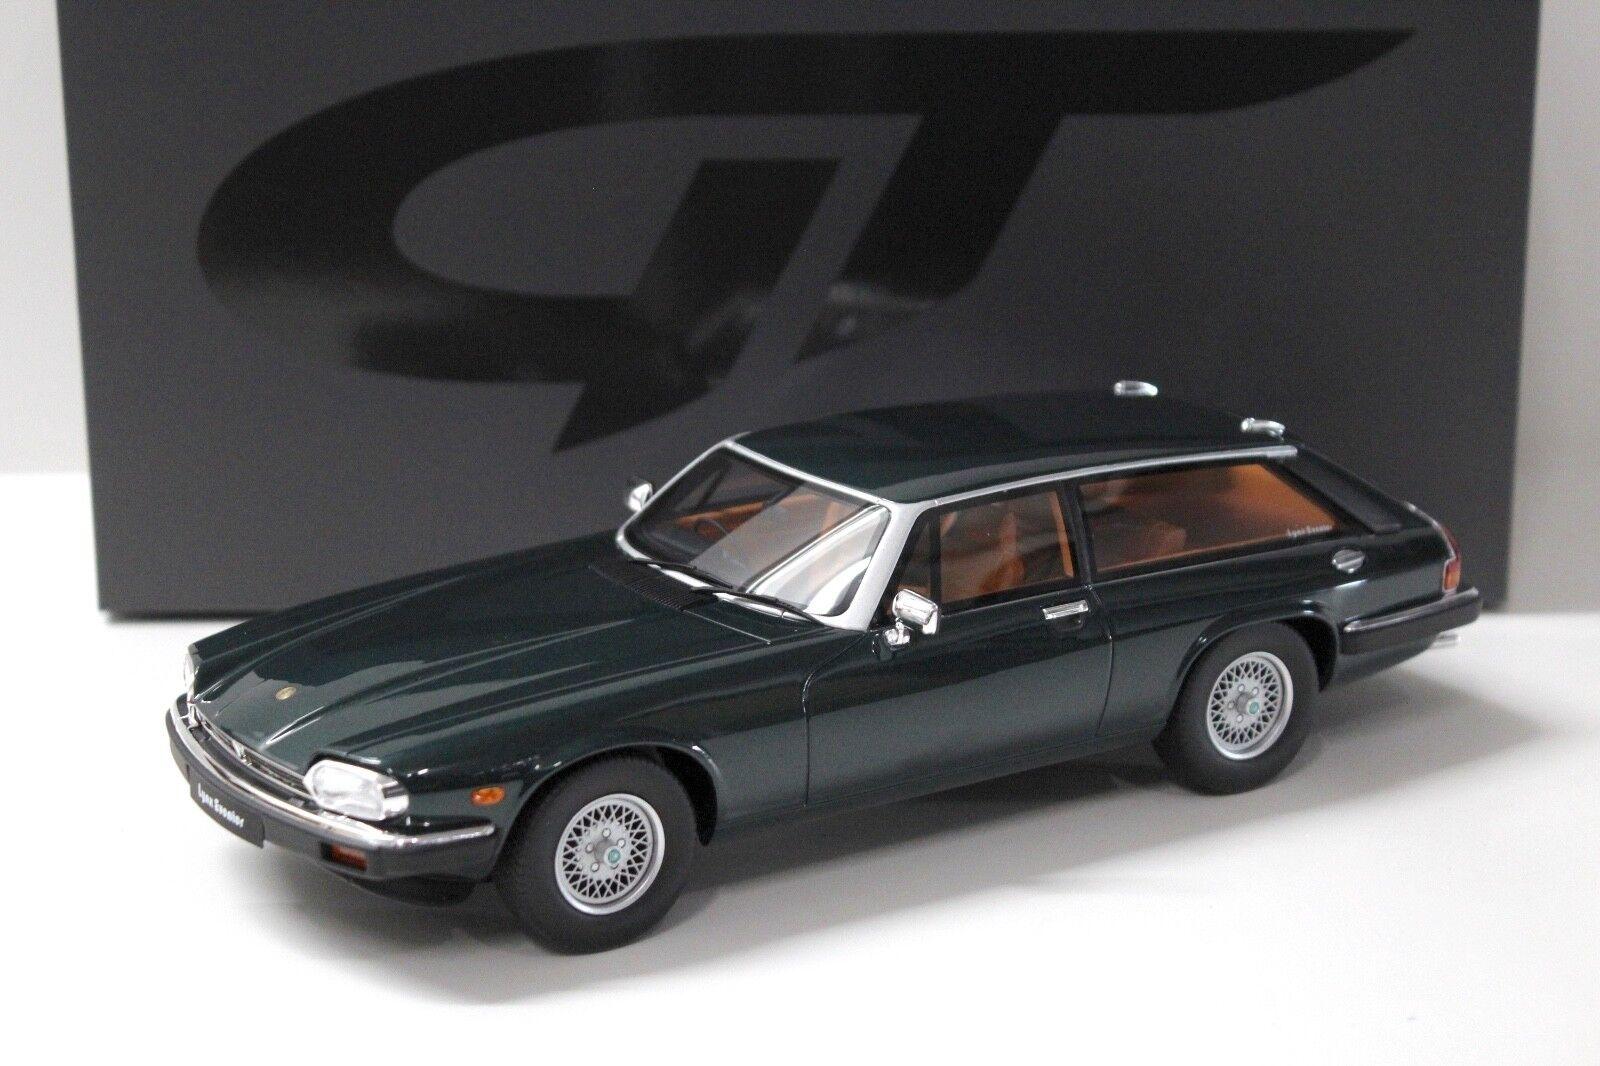 18 gt geist jaguar xjs luchs eventer dunkelgrüne neue bei premium-modelcars